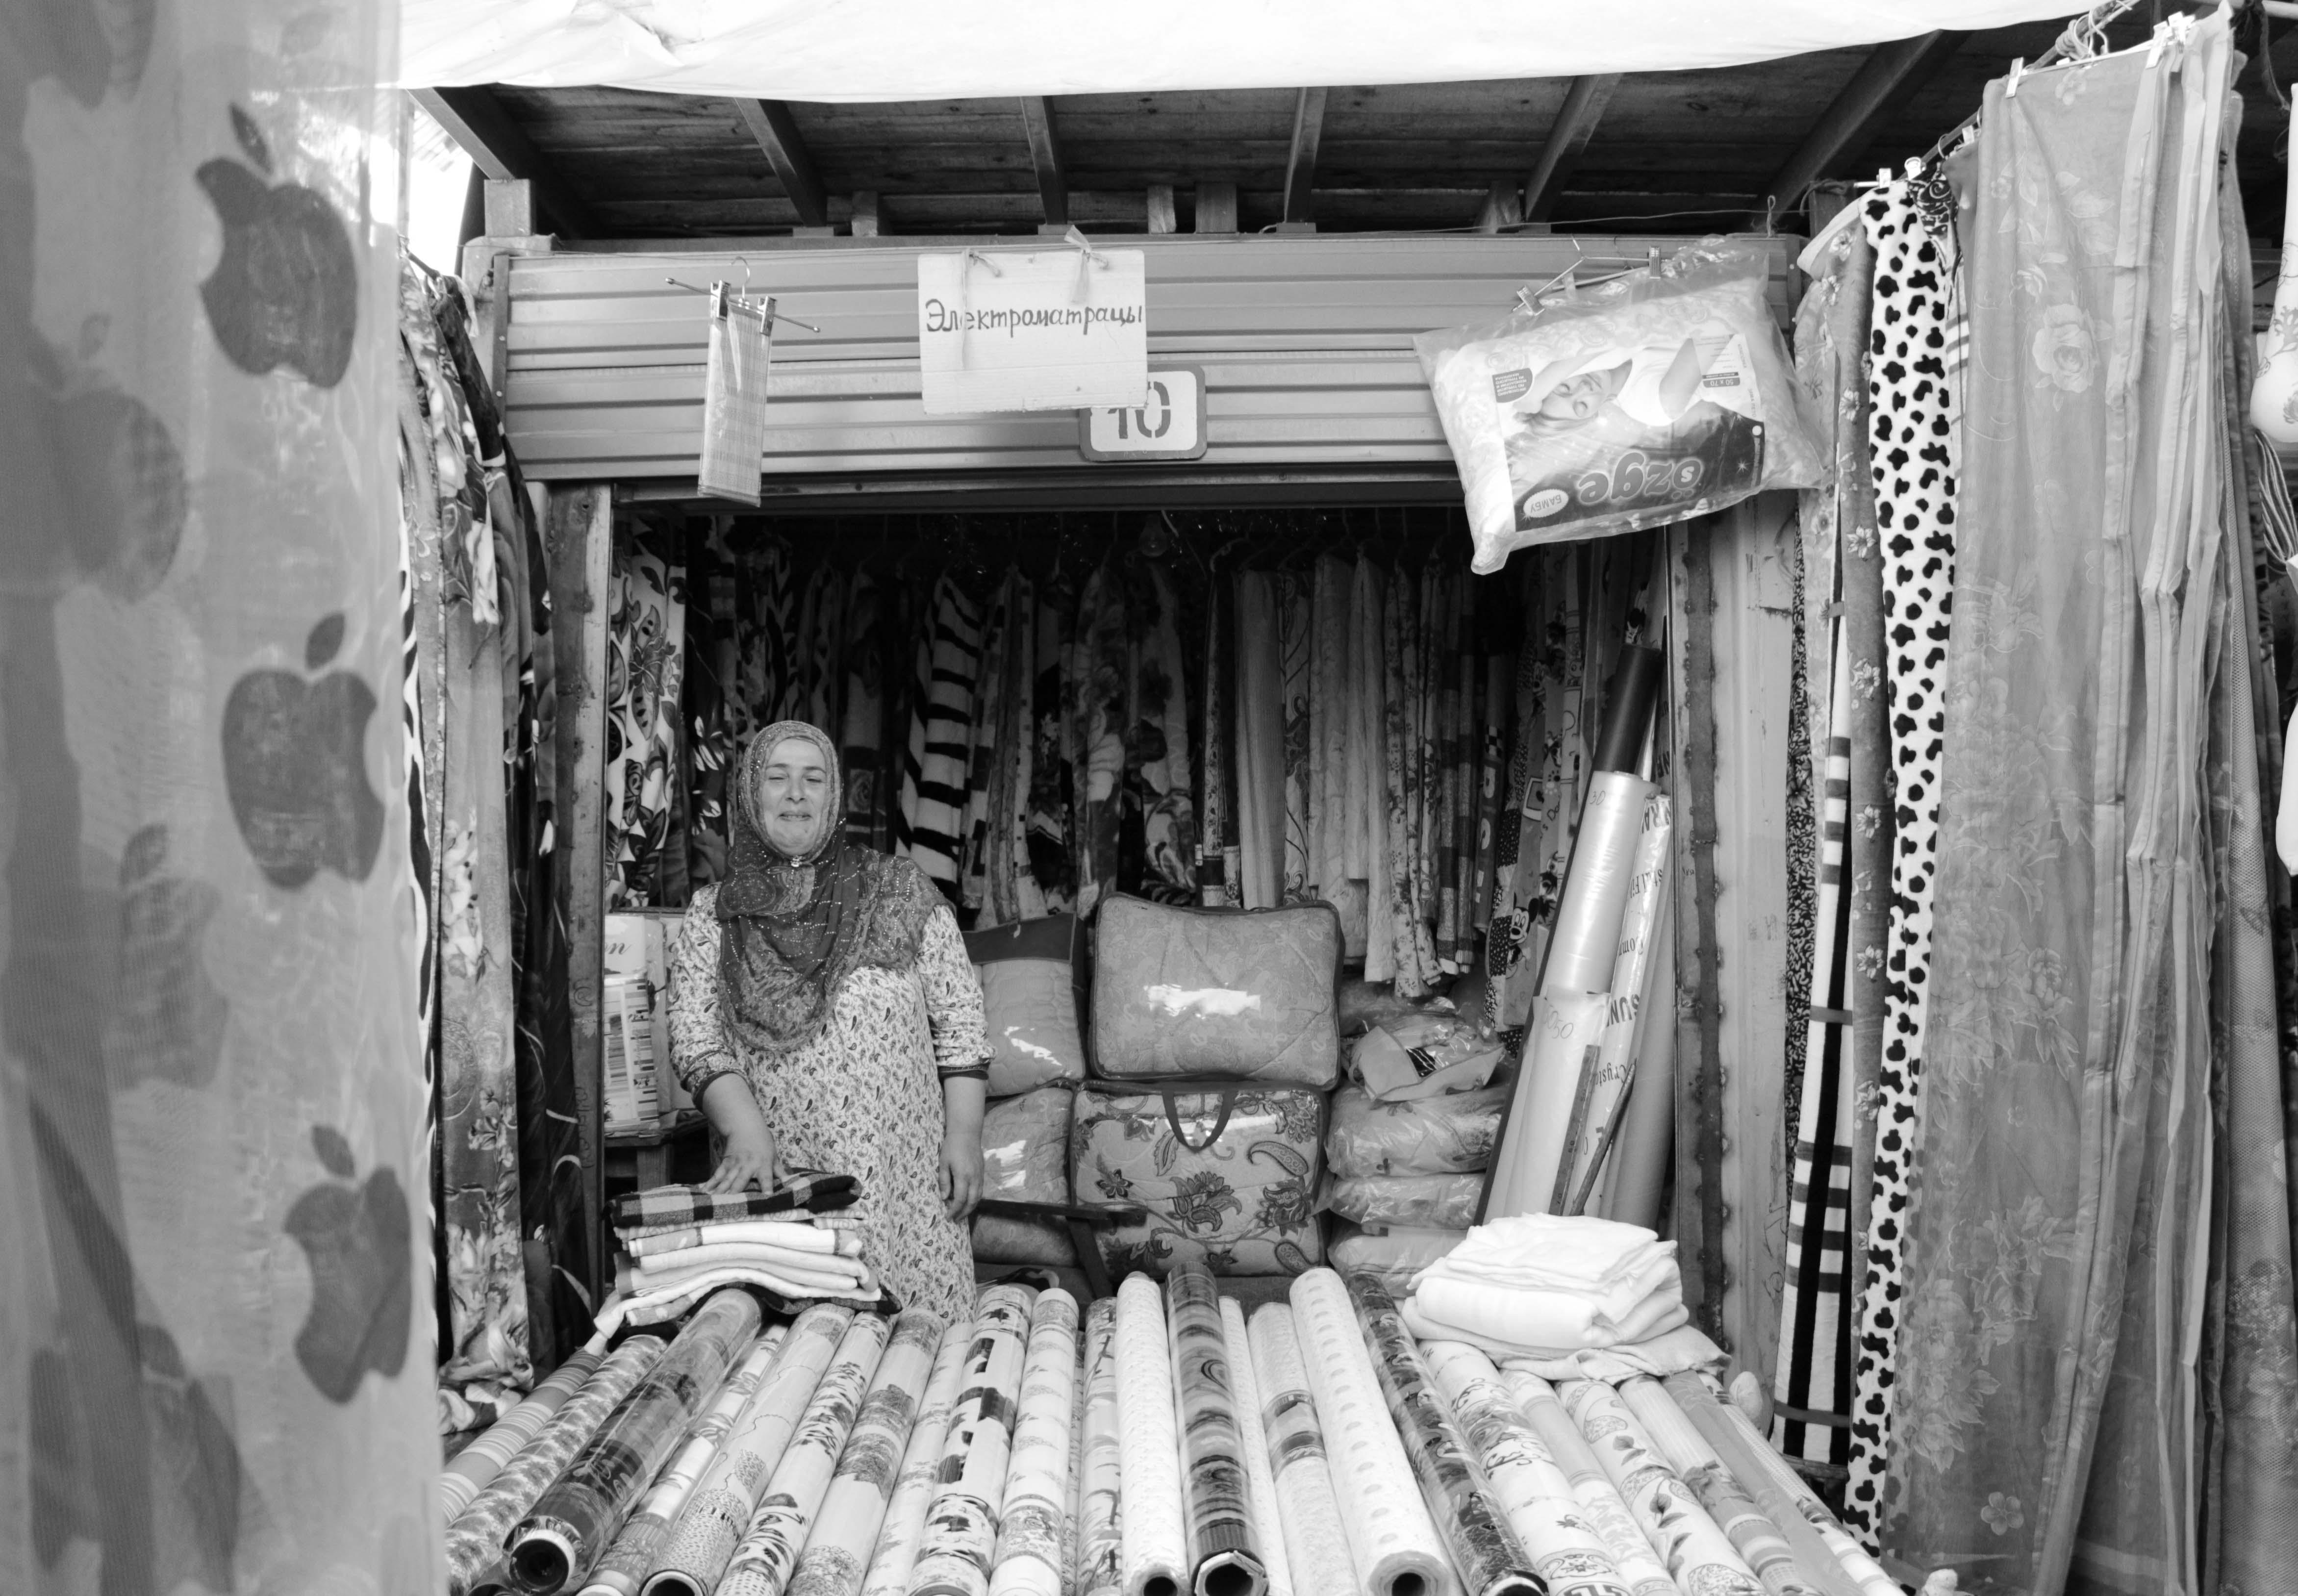 Беженка из Душанбе уже много лет торгует на вещевом рынке Кара-Балты